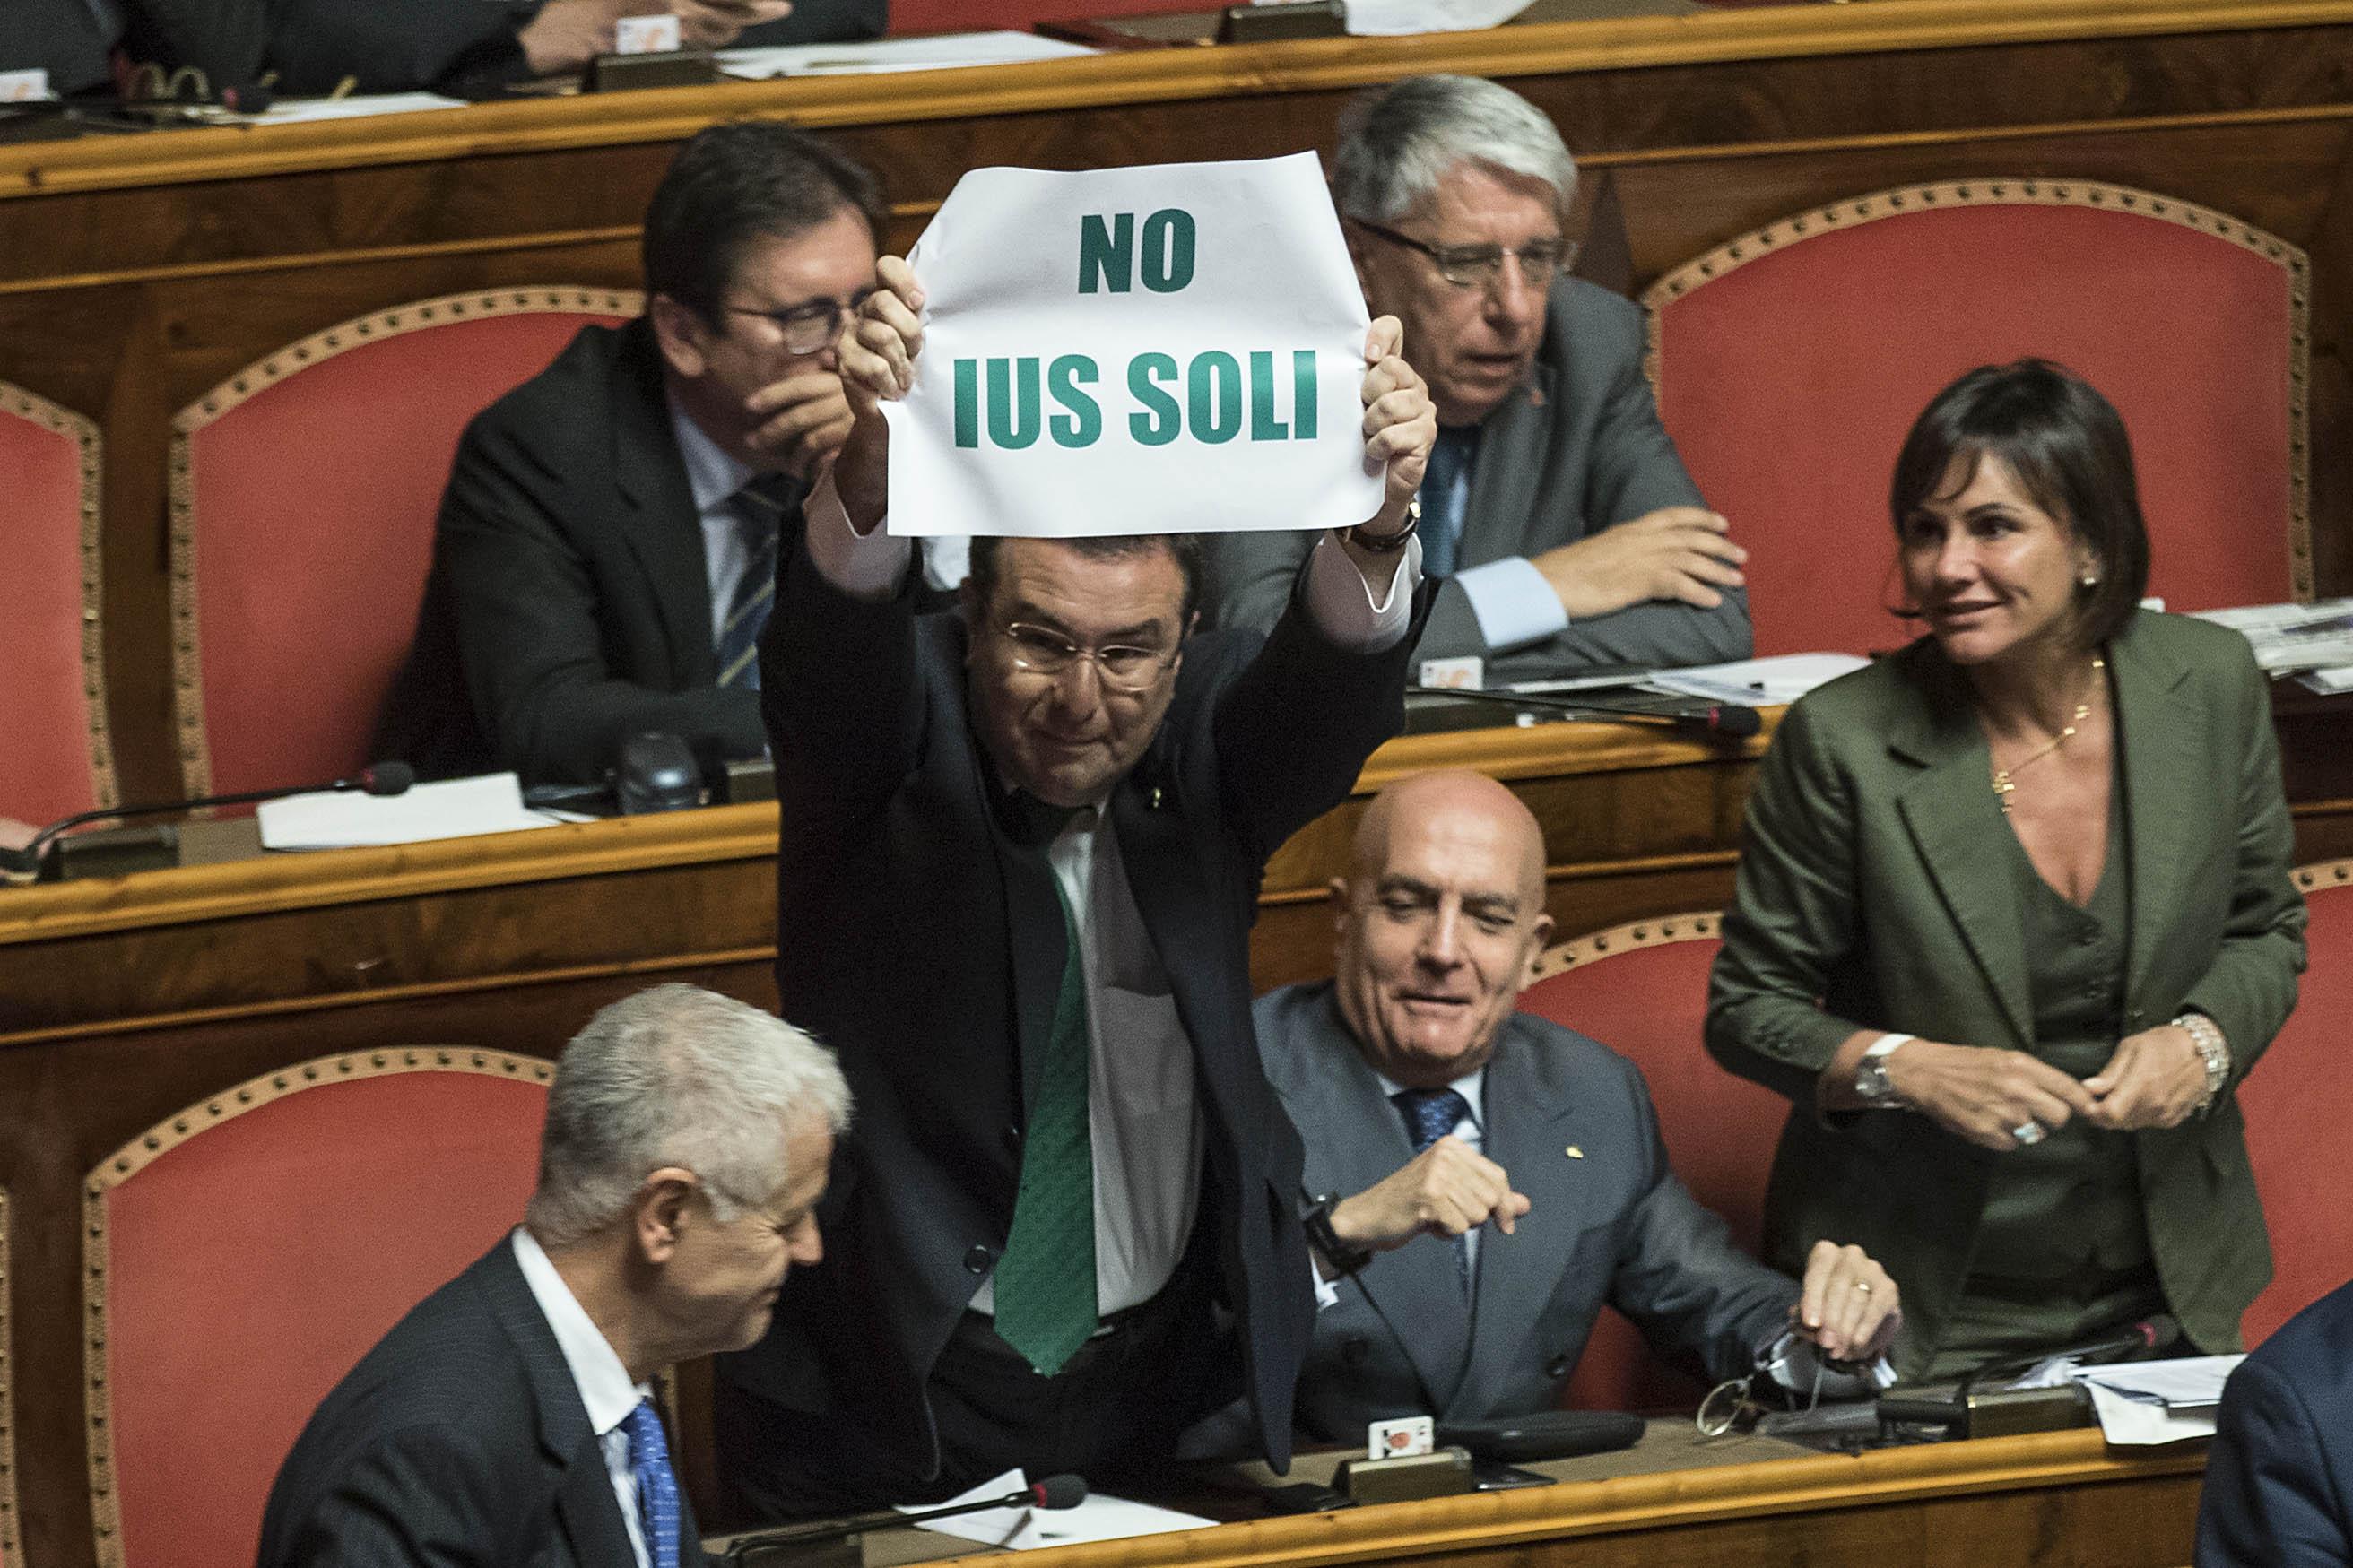 Parlamentari (leghisti) contrari allo Ius Soli; una tristezza che chi è contrario a tale meccanismo di cittadinanza sia accomunato a tali persone